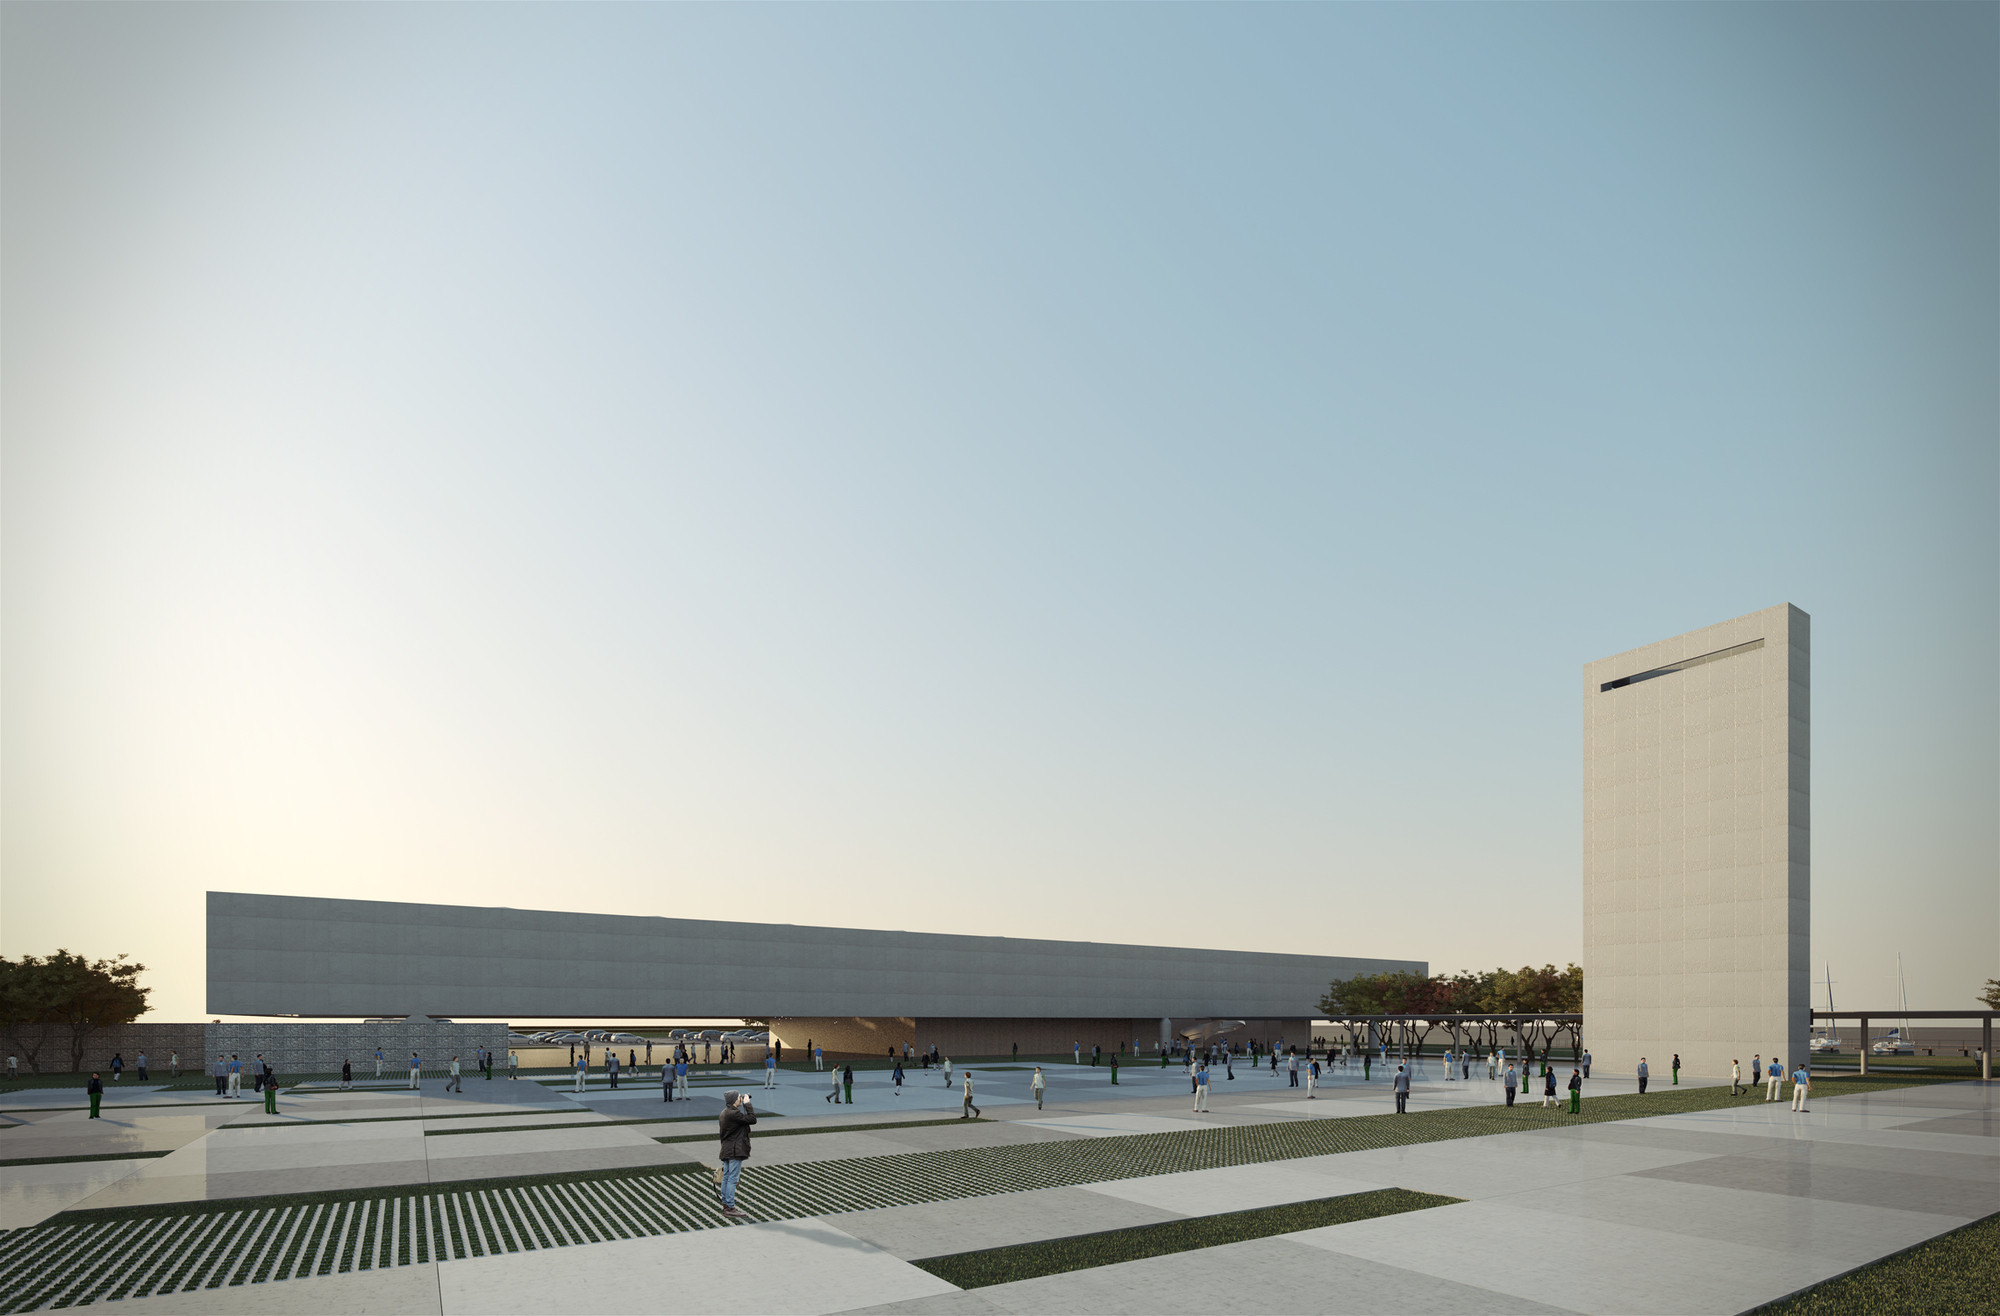 Proposta vencedora para o Centro Cultural de Eventos e Exposições em Cabo Frio. Courtesy of Estúdio 41